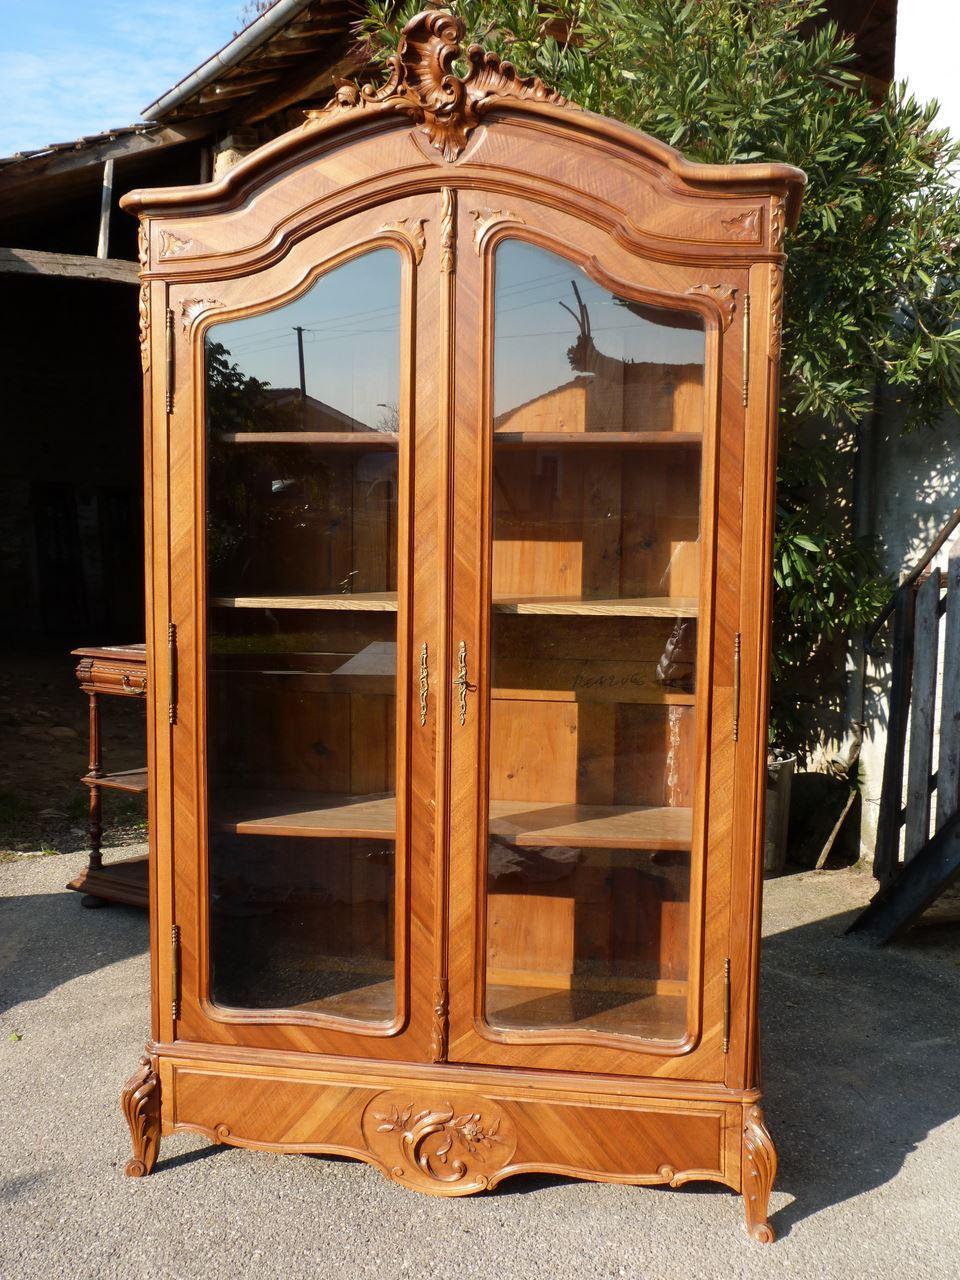 Шкаф рококо (библиотека) - мебель и предметы интерьера москв.